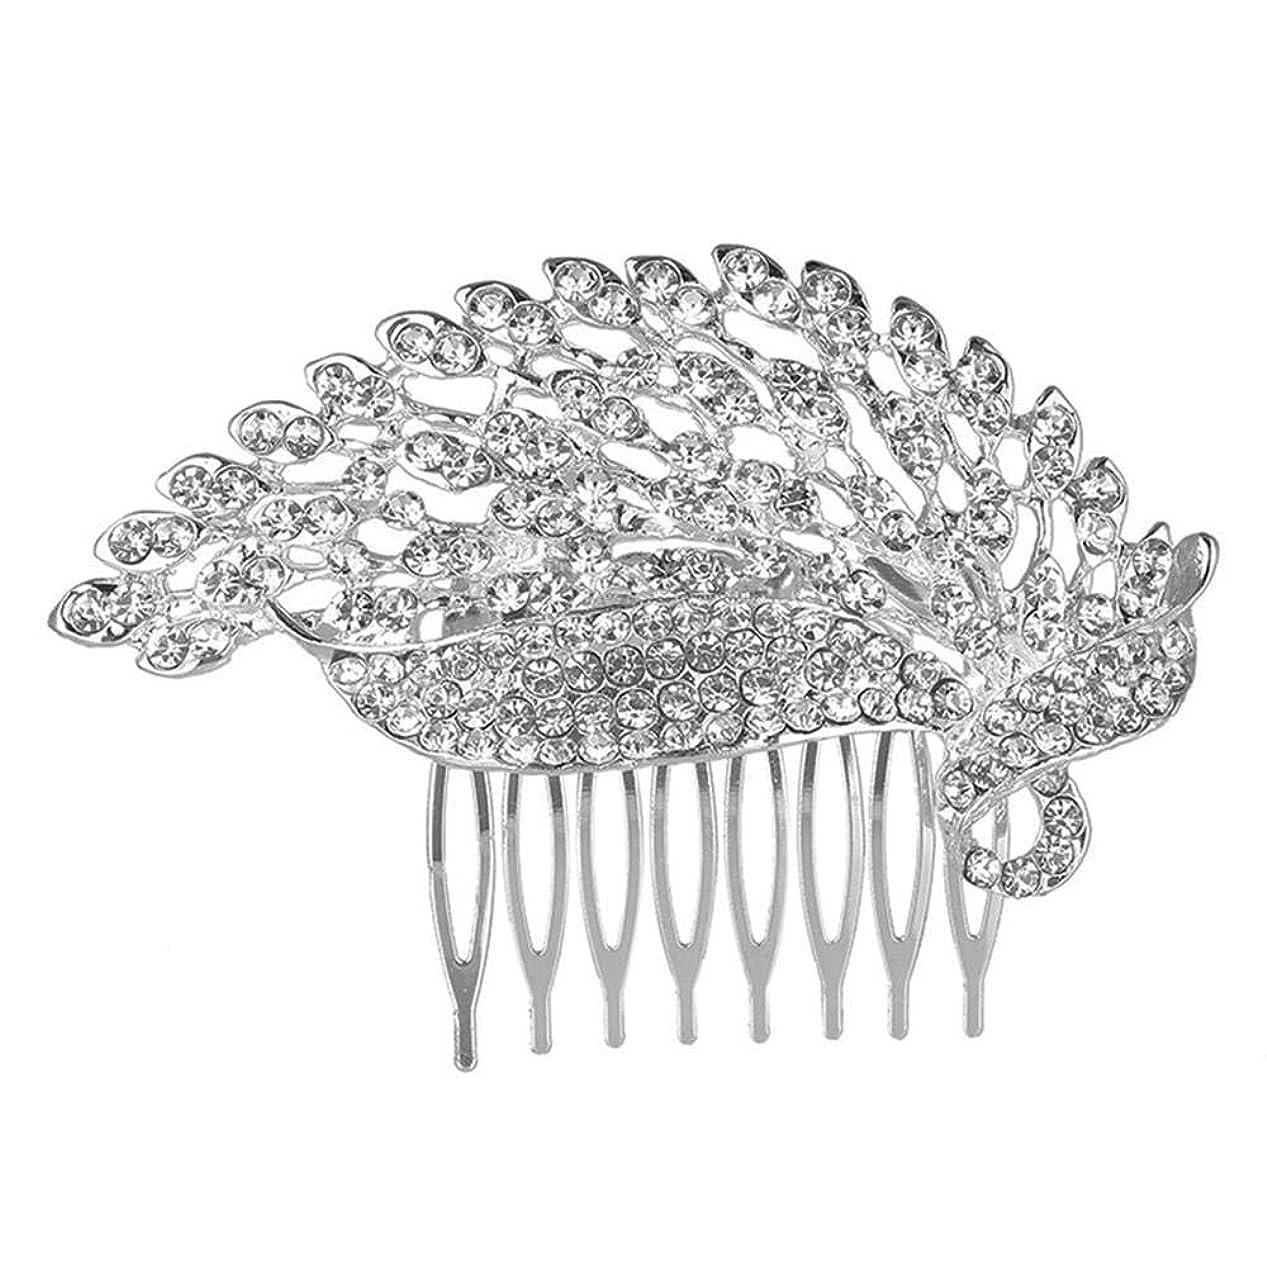 船ヒープまどろみのある髪の櫛の櫛の櫛の花嫁の櫛の櫛の櫛の花嫁の頭飾りの結婚式のアクセサリー合金